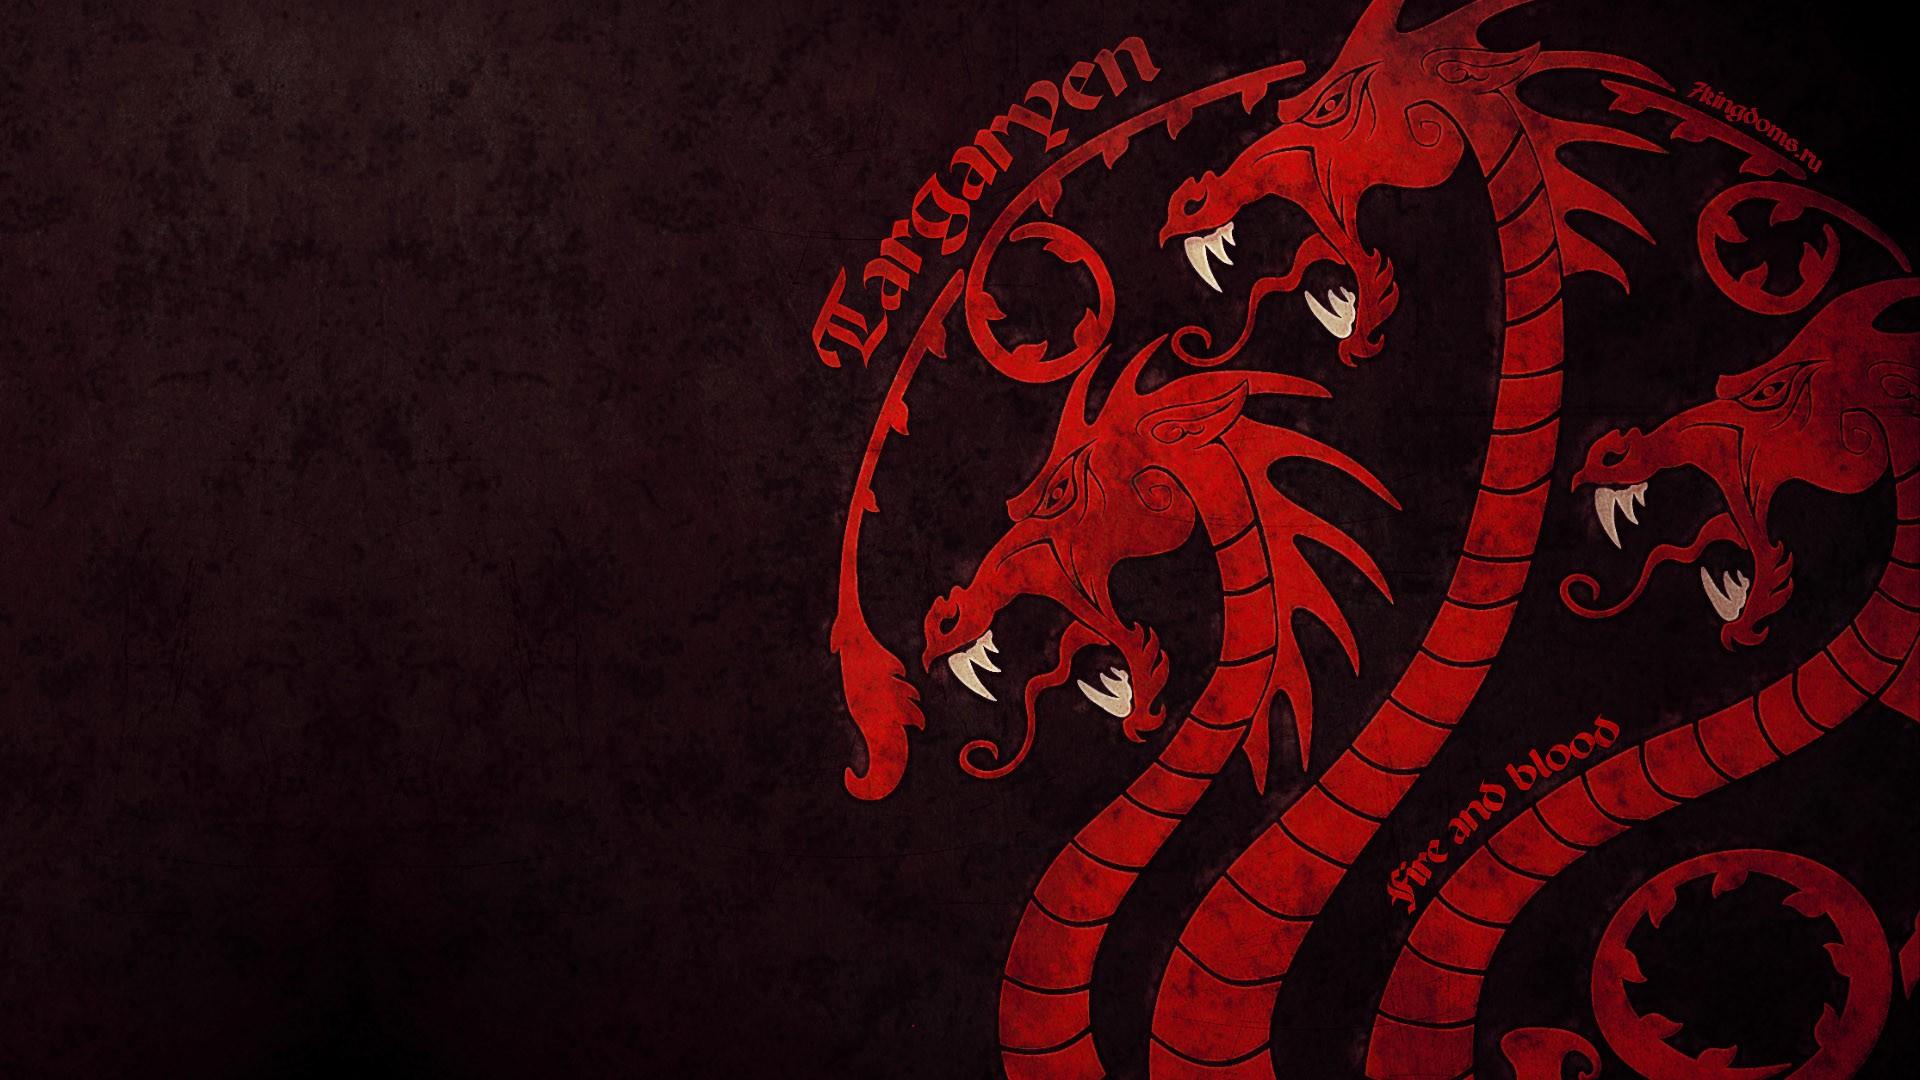 Game of Thrones Wallpapers HD Desktop Widescreen 1920x1080